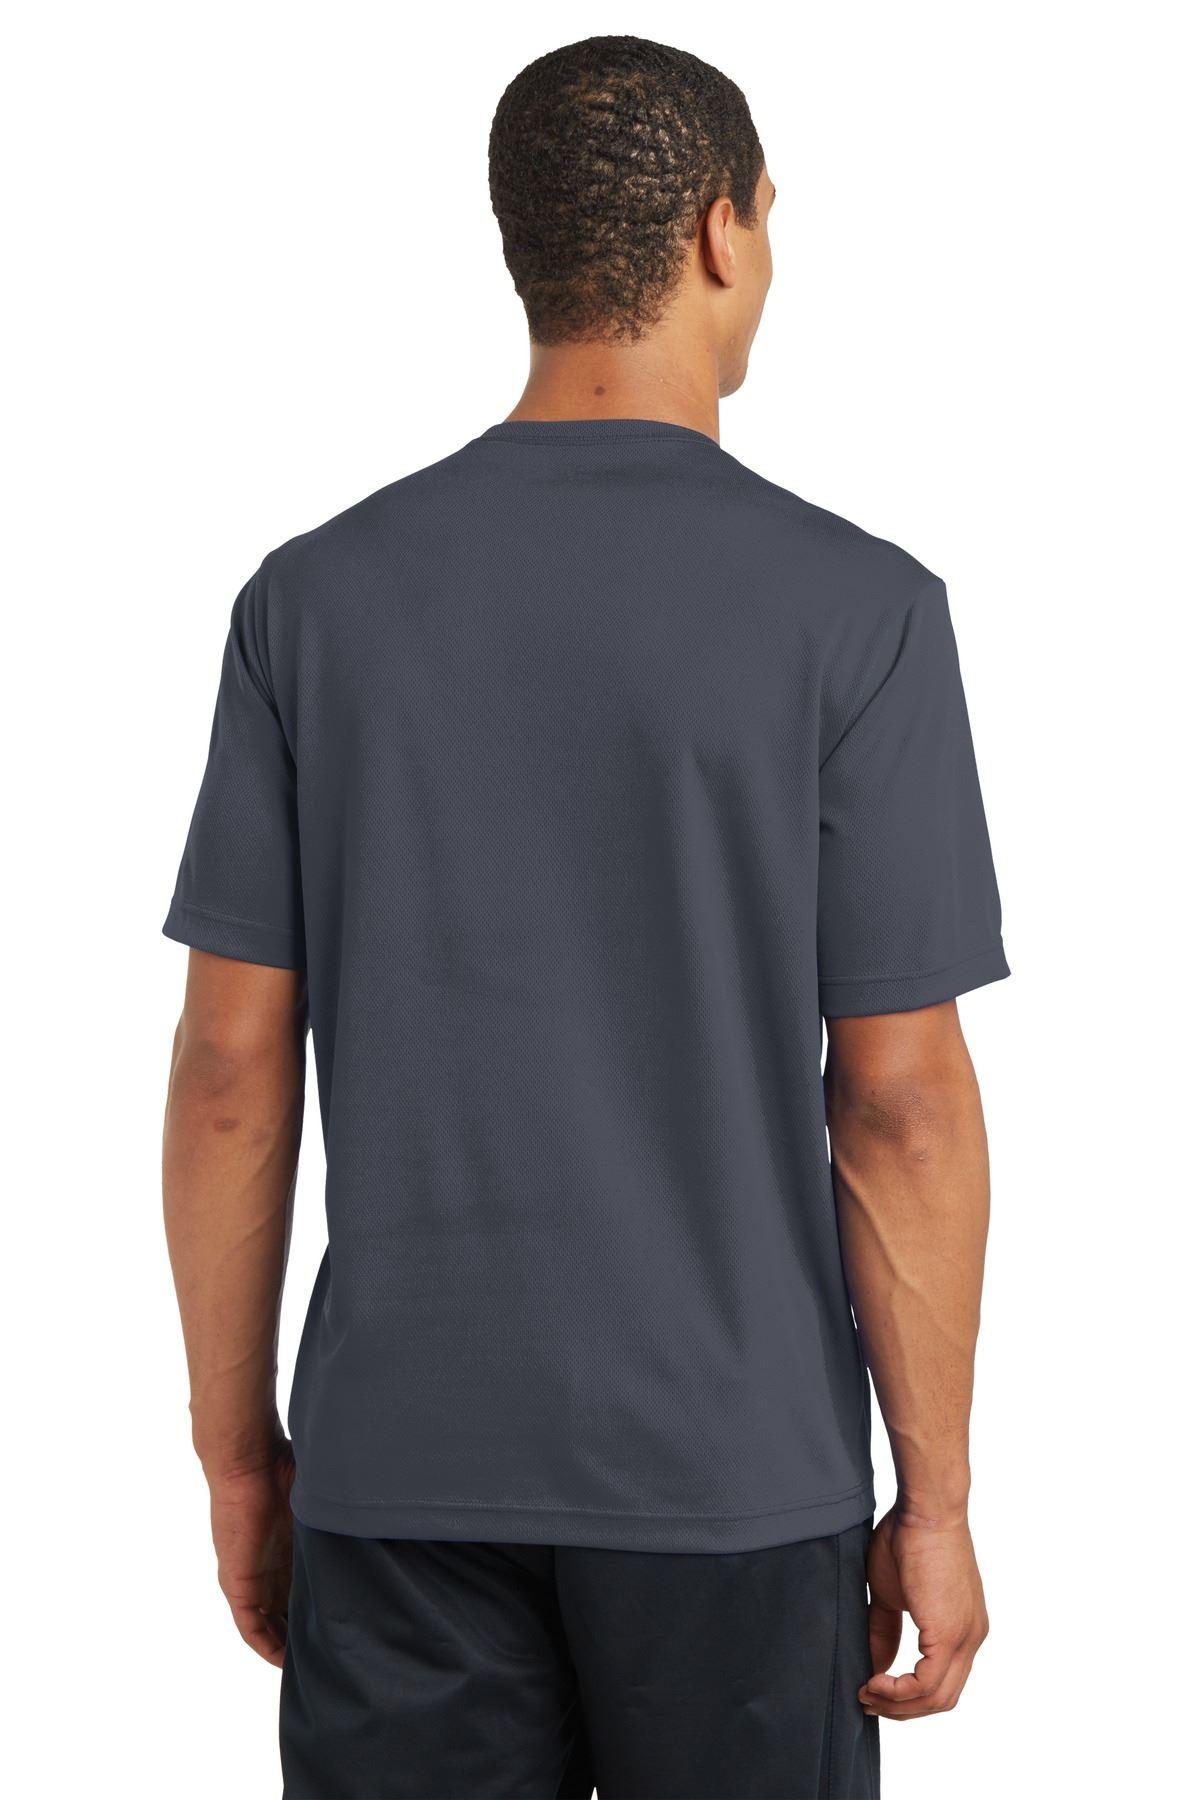 thumbnail 15 - Sport-Tek Men's Dry-Fit RacerMesh Moisture Wicking T-Shirt M-ST340